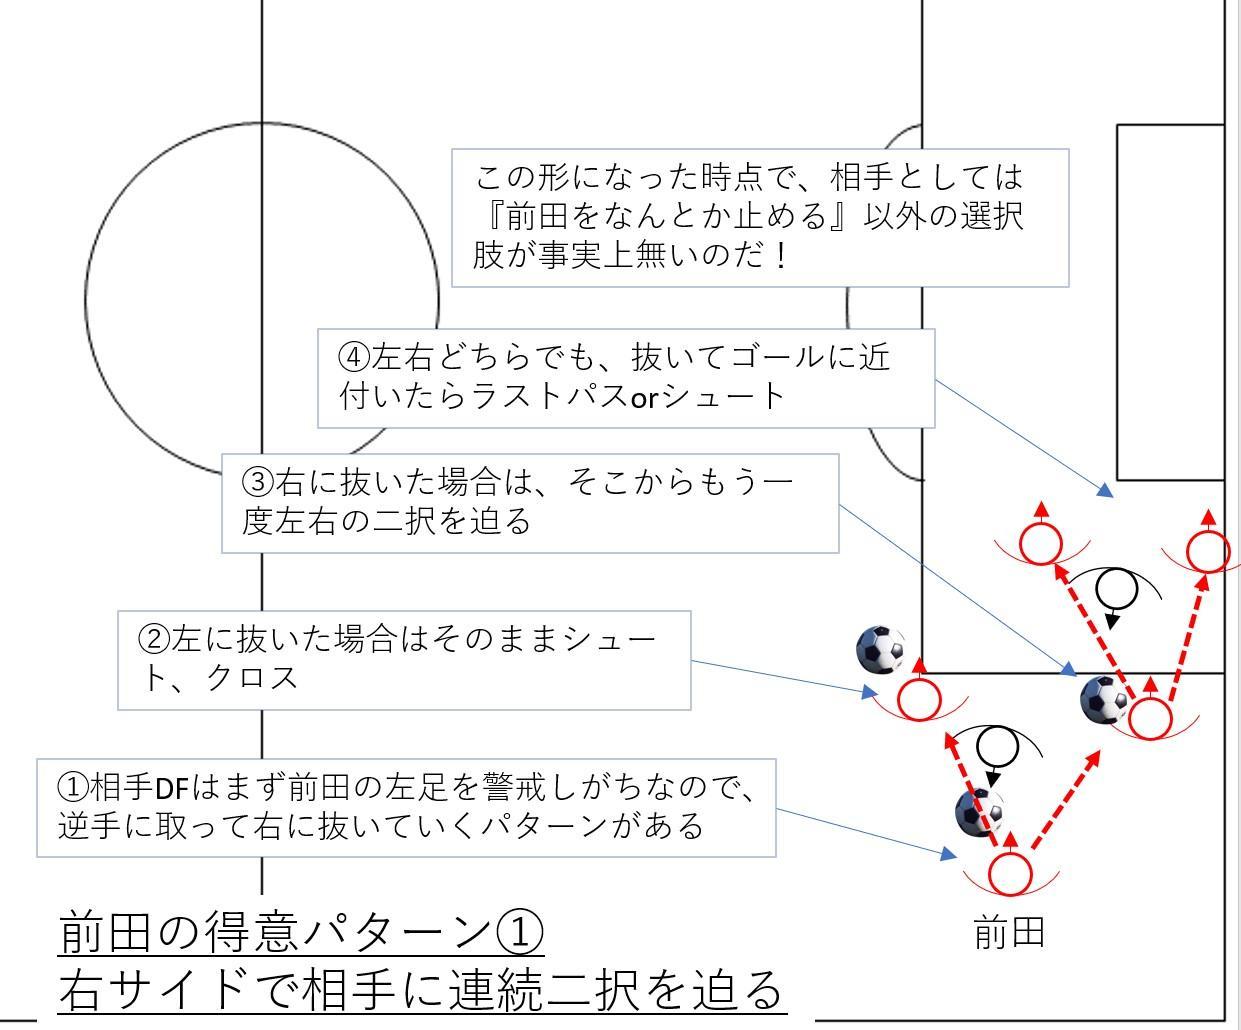 前田直輝の得意パターン(1)右サイドで相手に連続二択を迫る